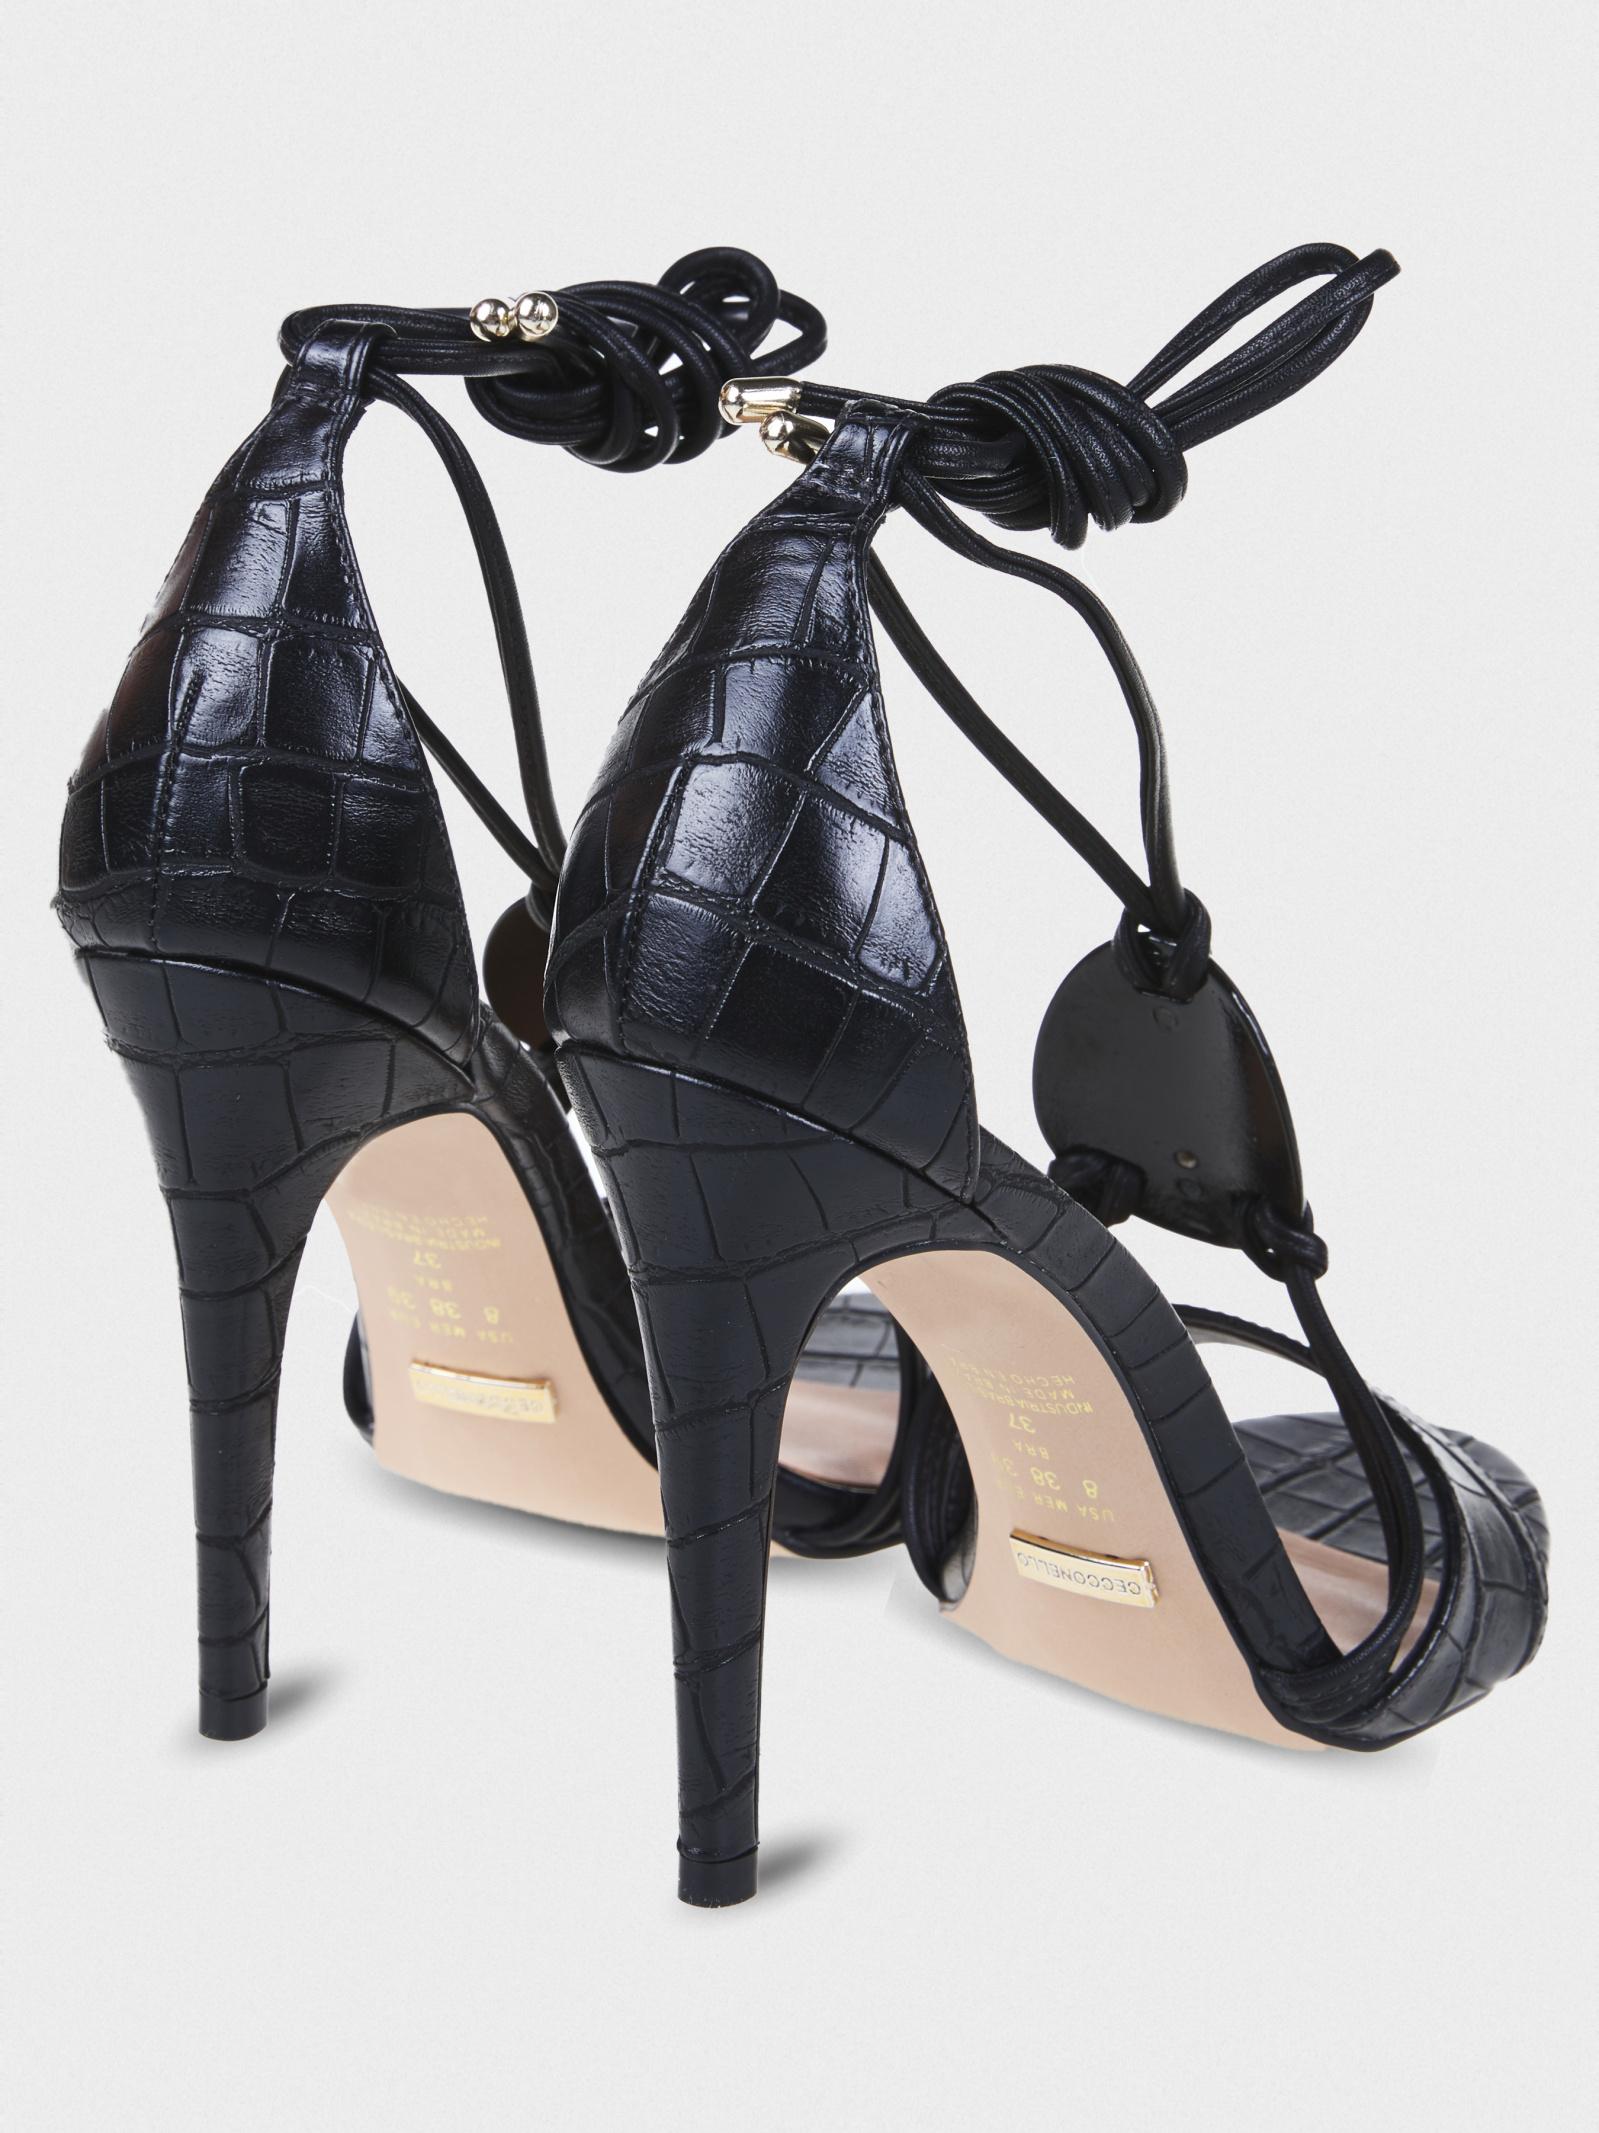 Босоніжки  жіночі Cecconello 1442005 модне взуття, 2017